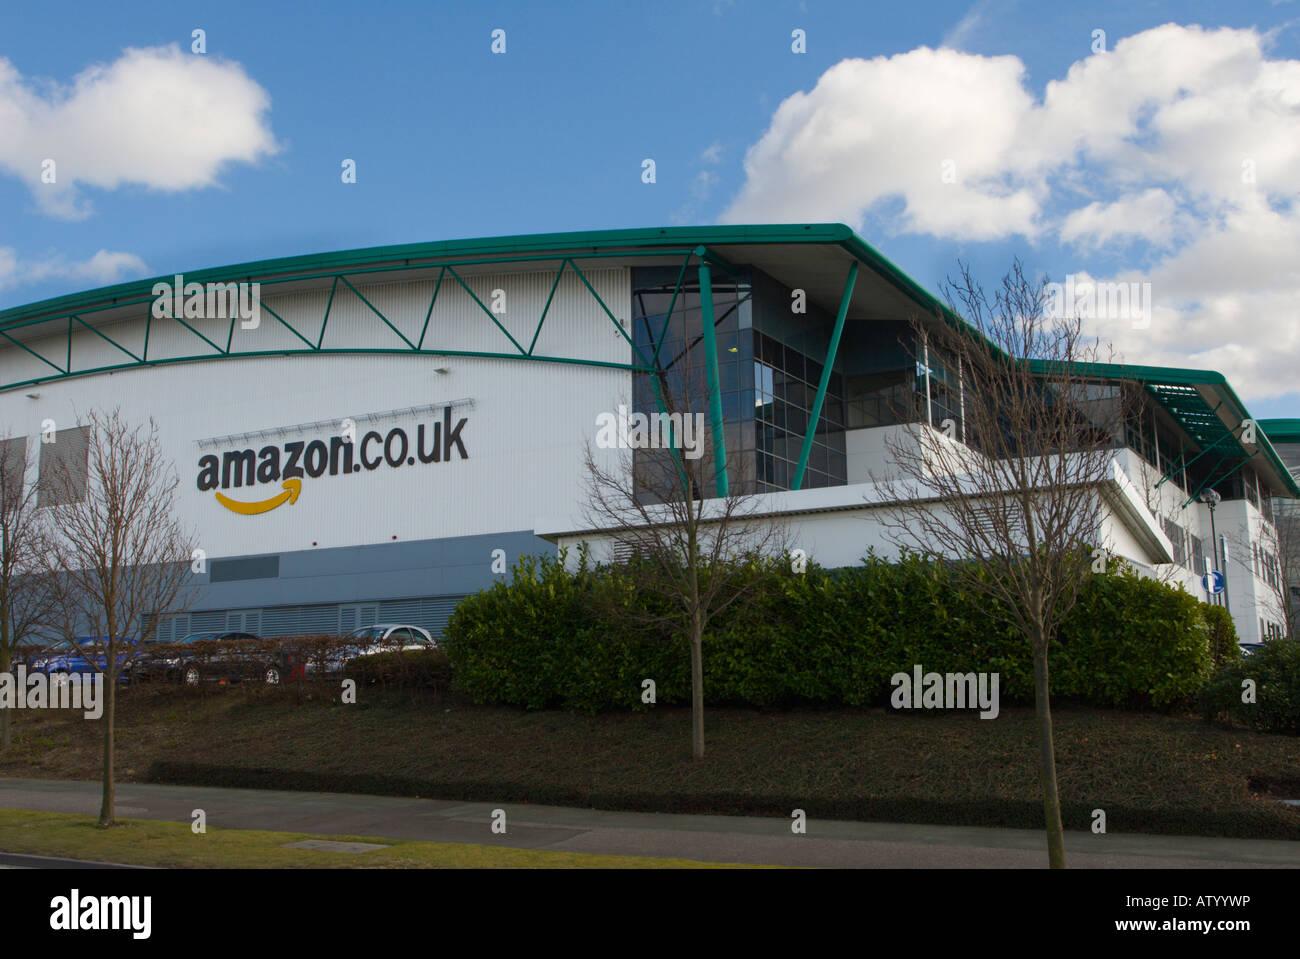 Amazon Uk Headquarters Bedfordshire Stock Photo 16420065 Alamy